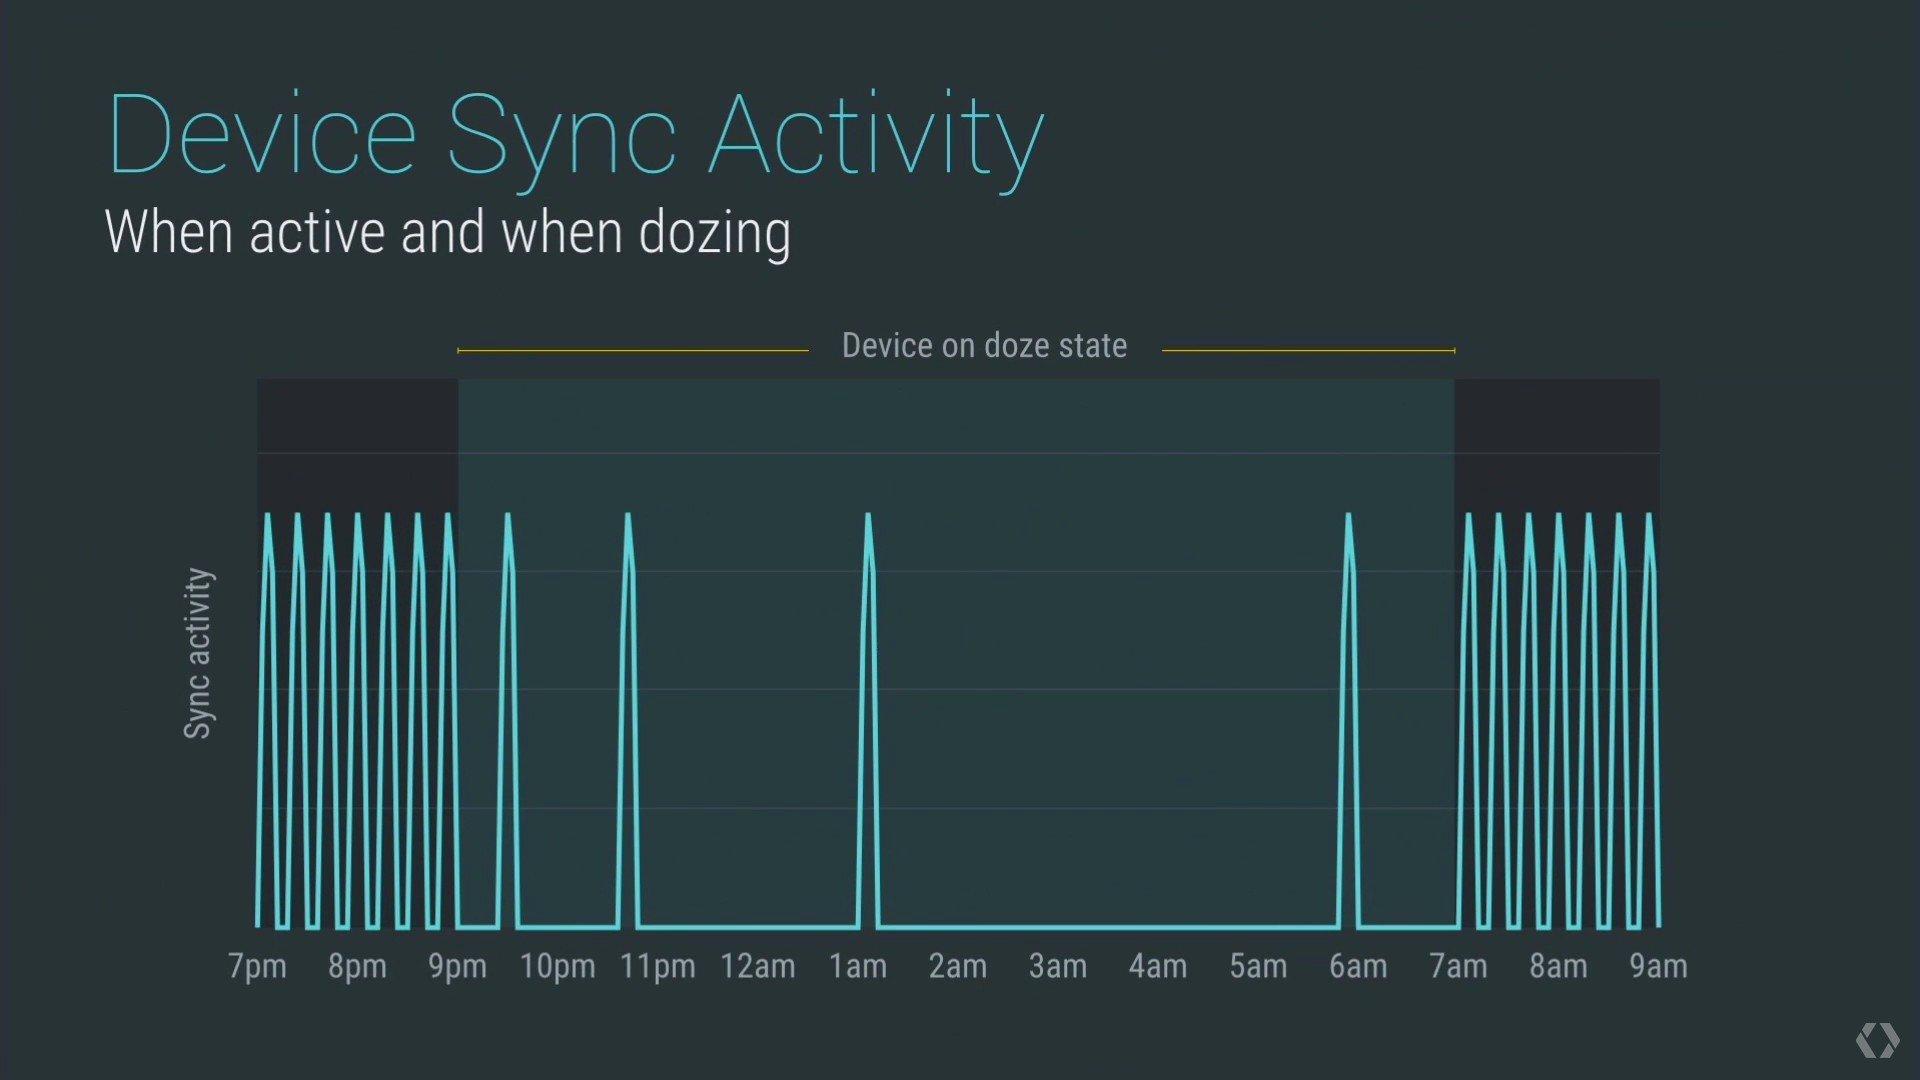 اضافه شدن حالت Doze برای بهینه سازی مصرف باتری. حالت Stamina در ماه آوریل اضافه می گردد.